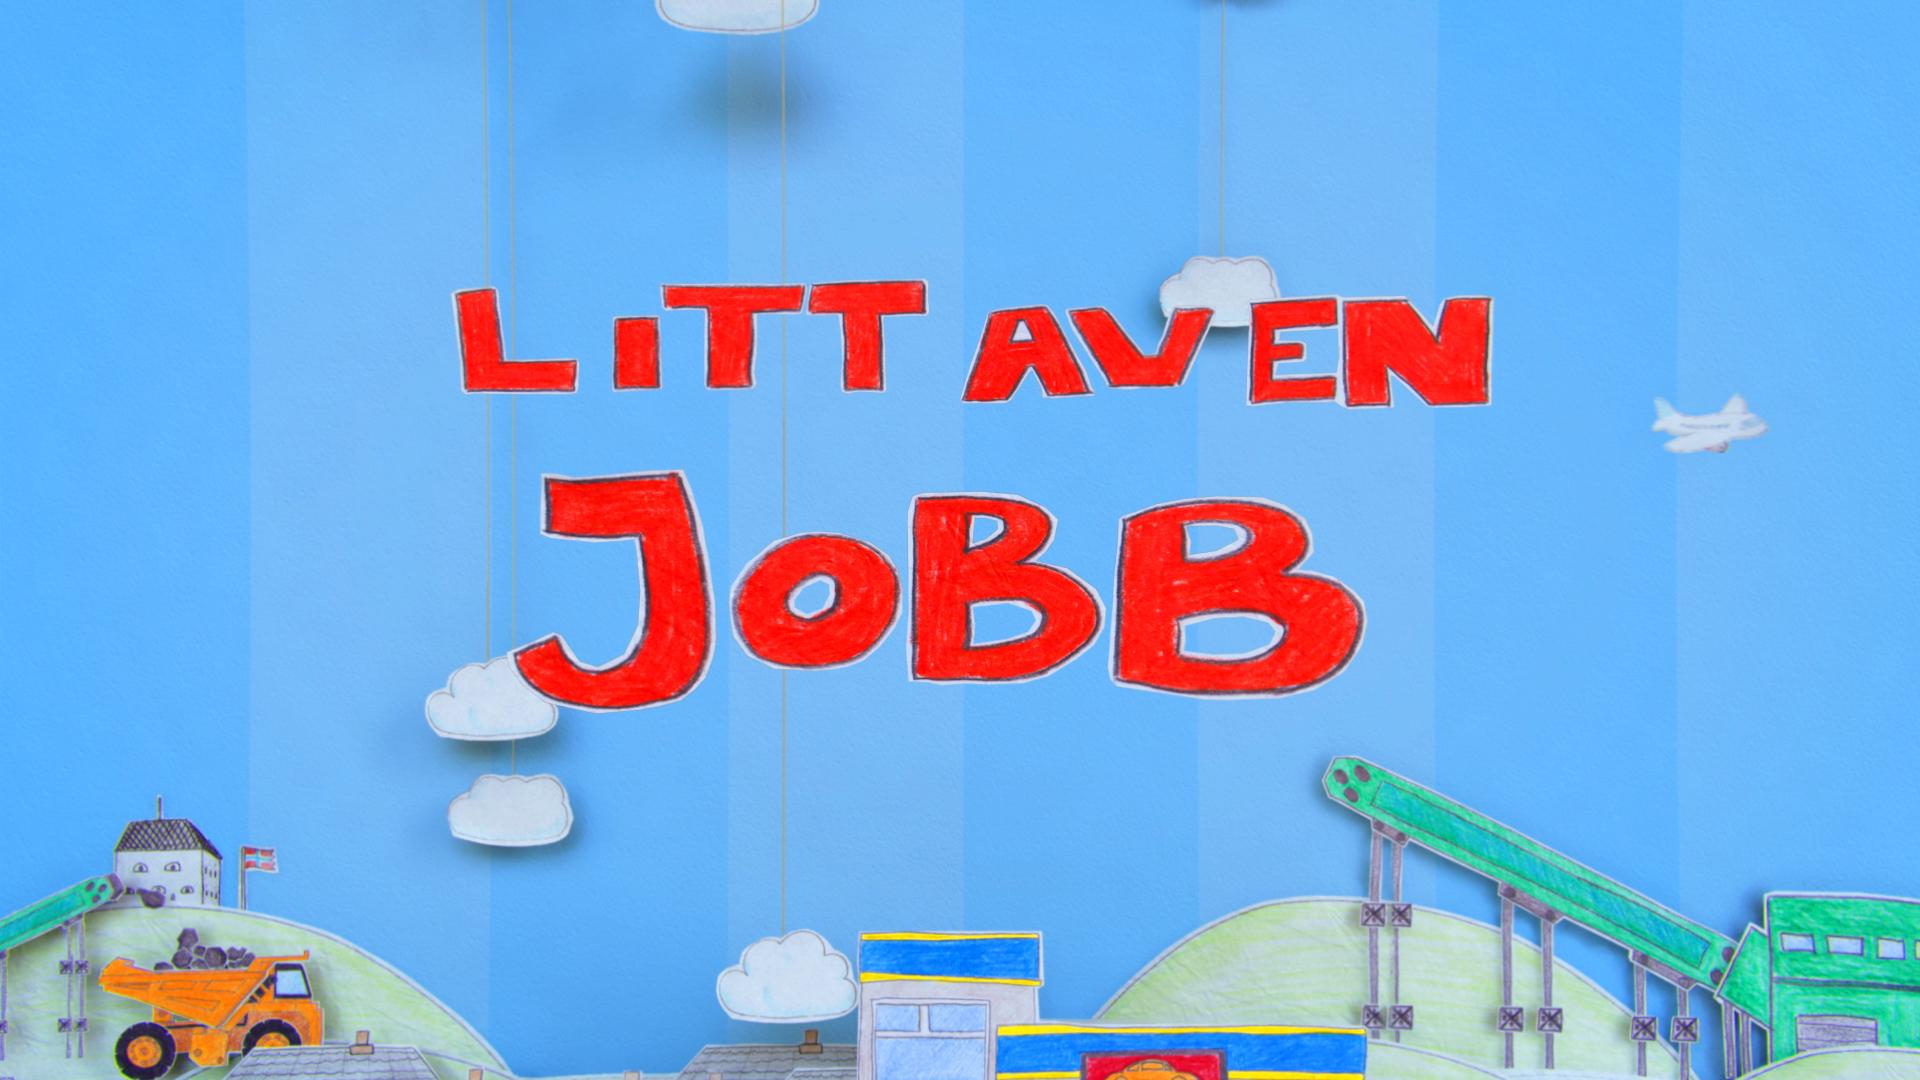 Litt av en jobb